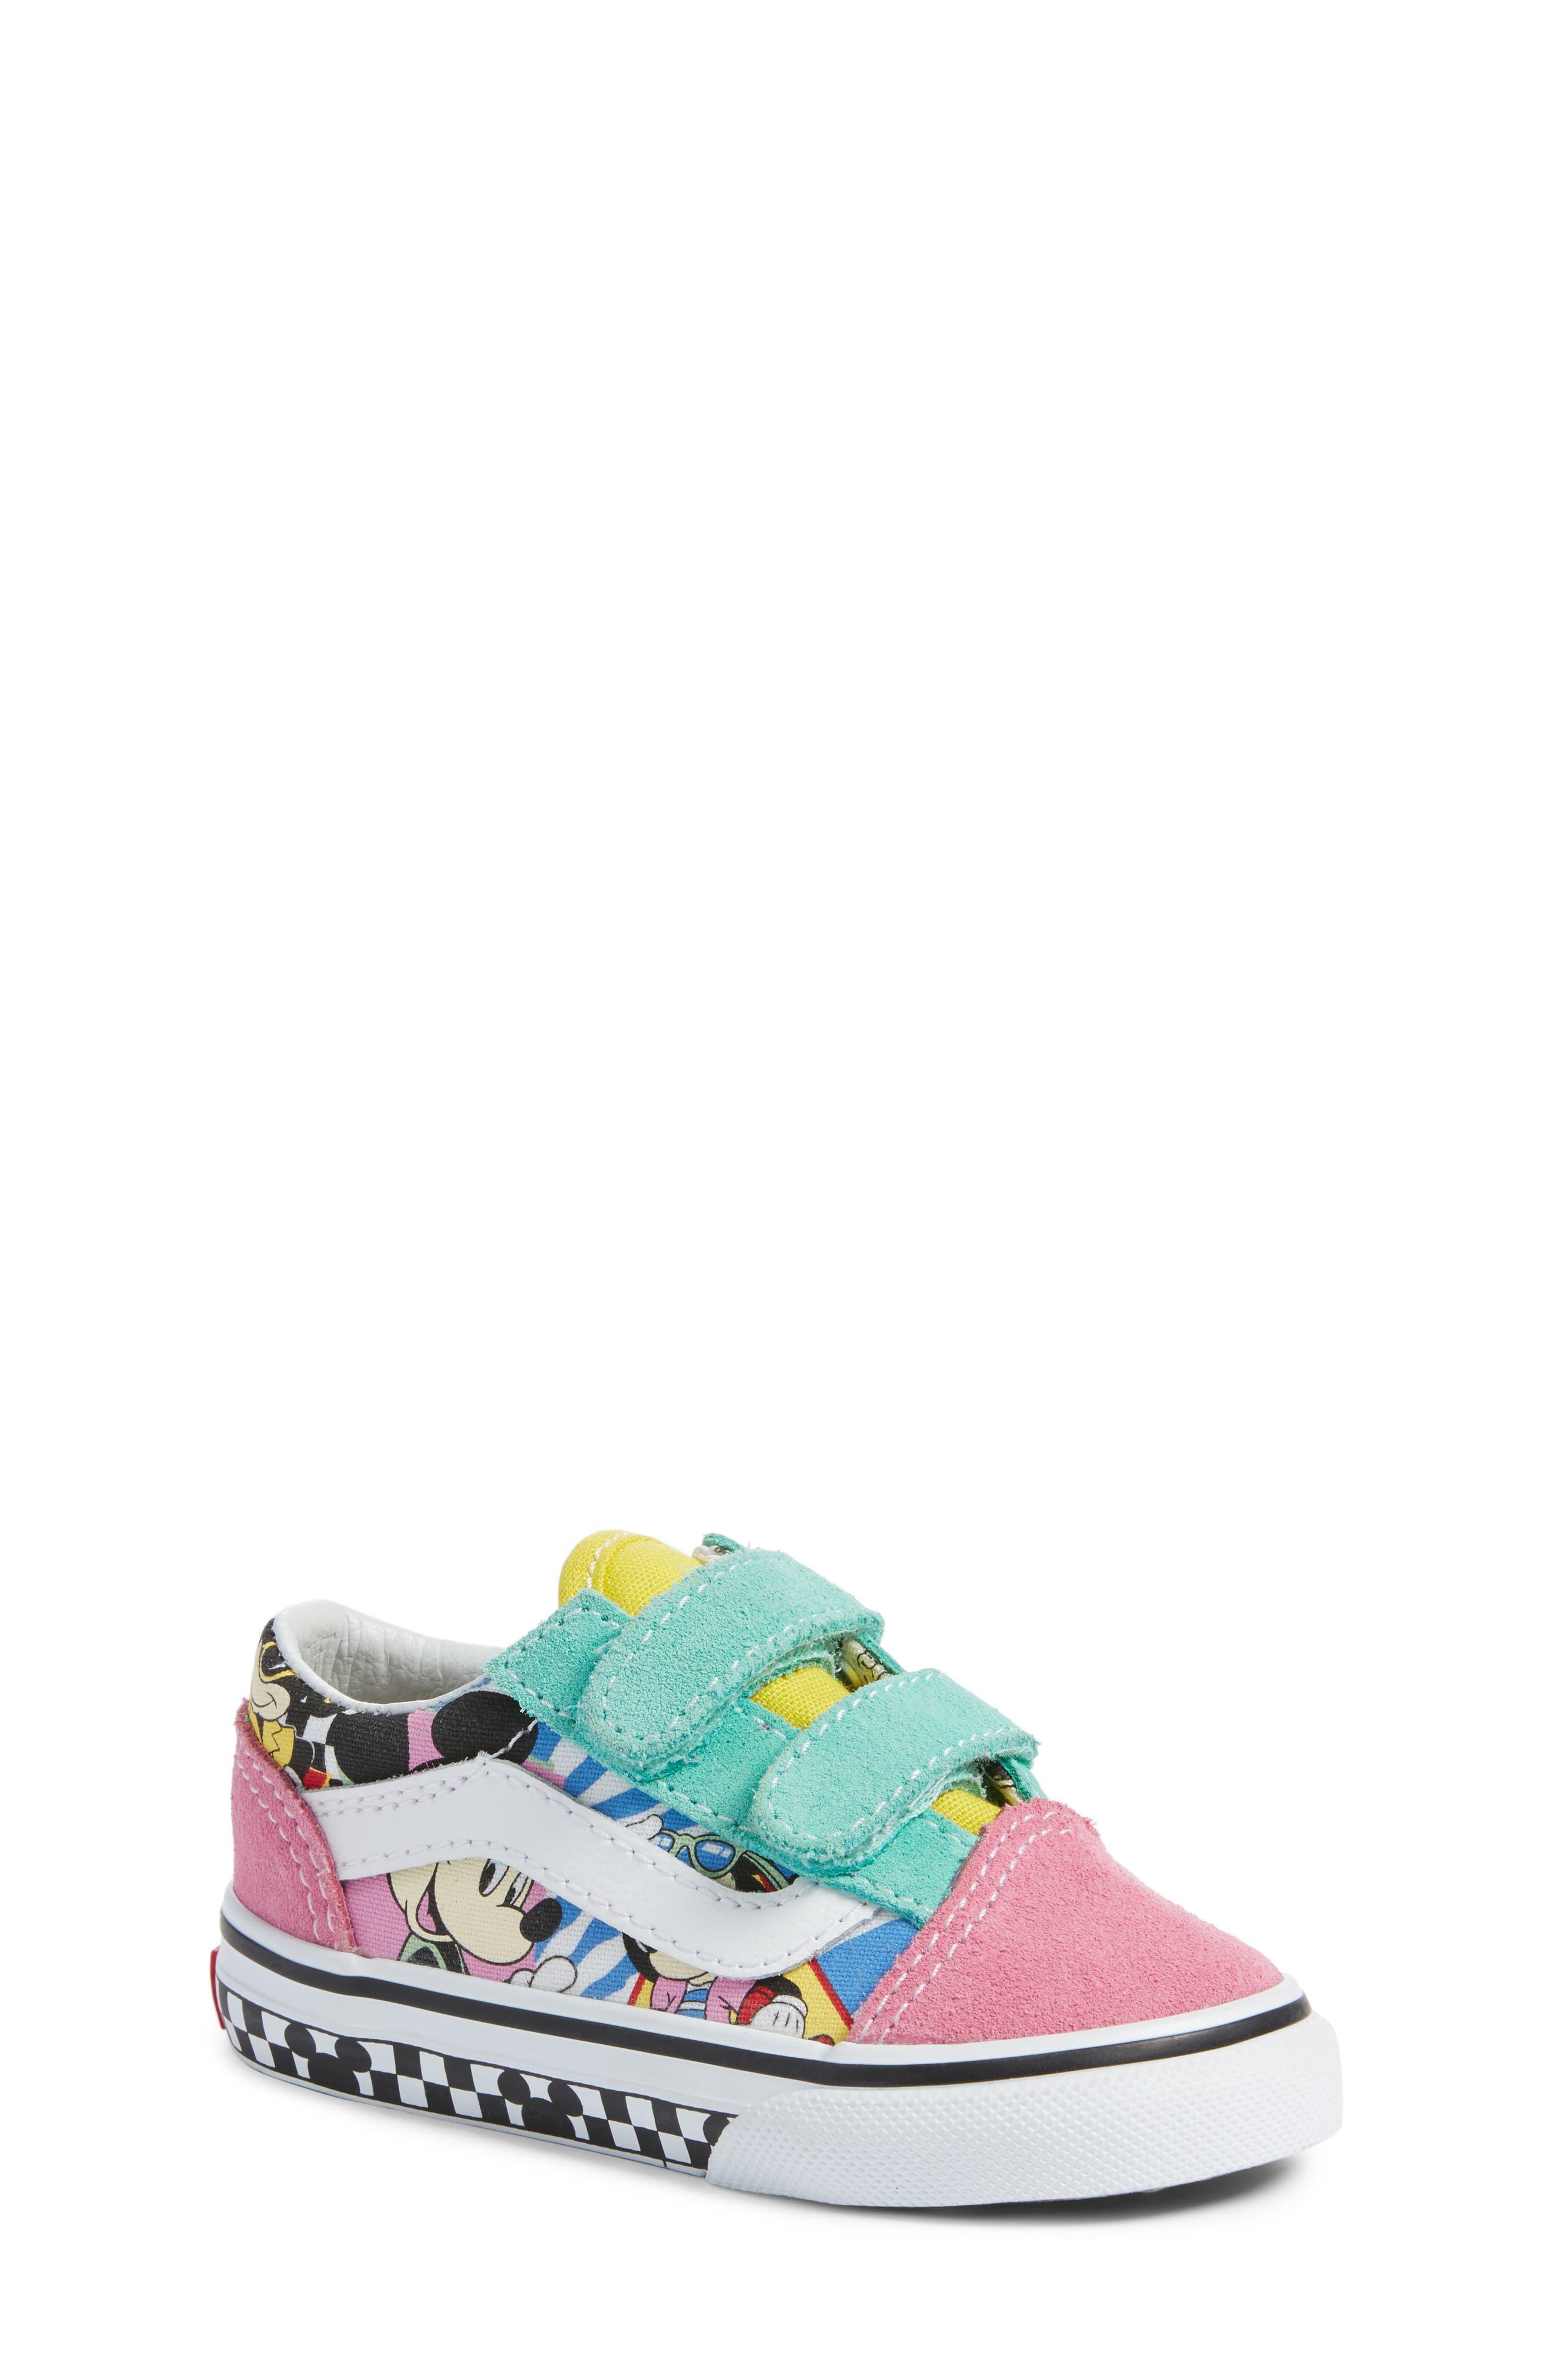 x Disney Old Skool V Sneaker,                         Main,                         color, 650